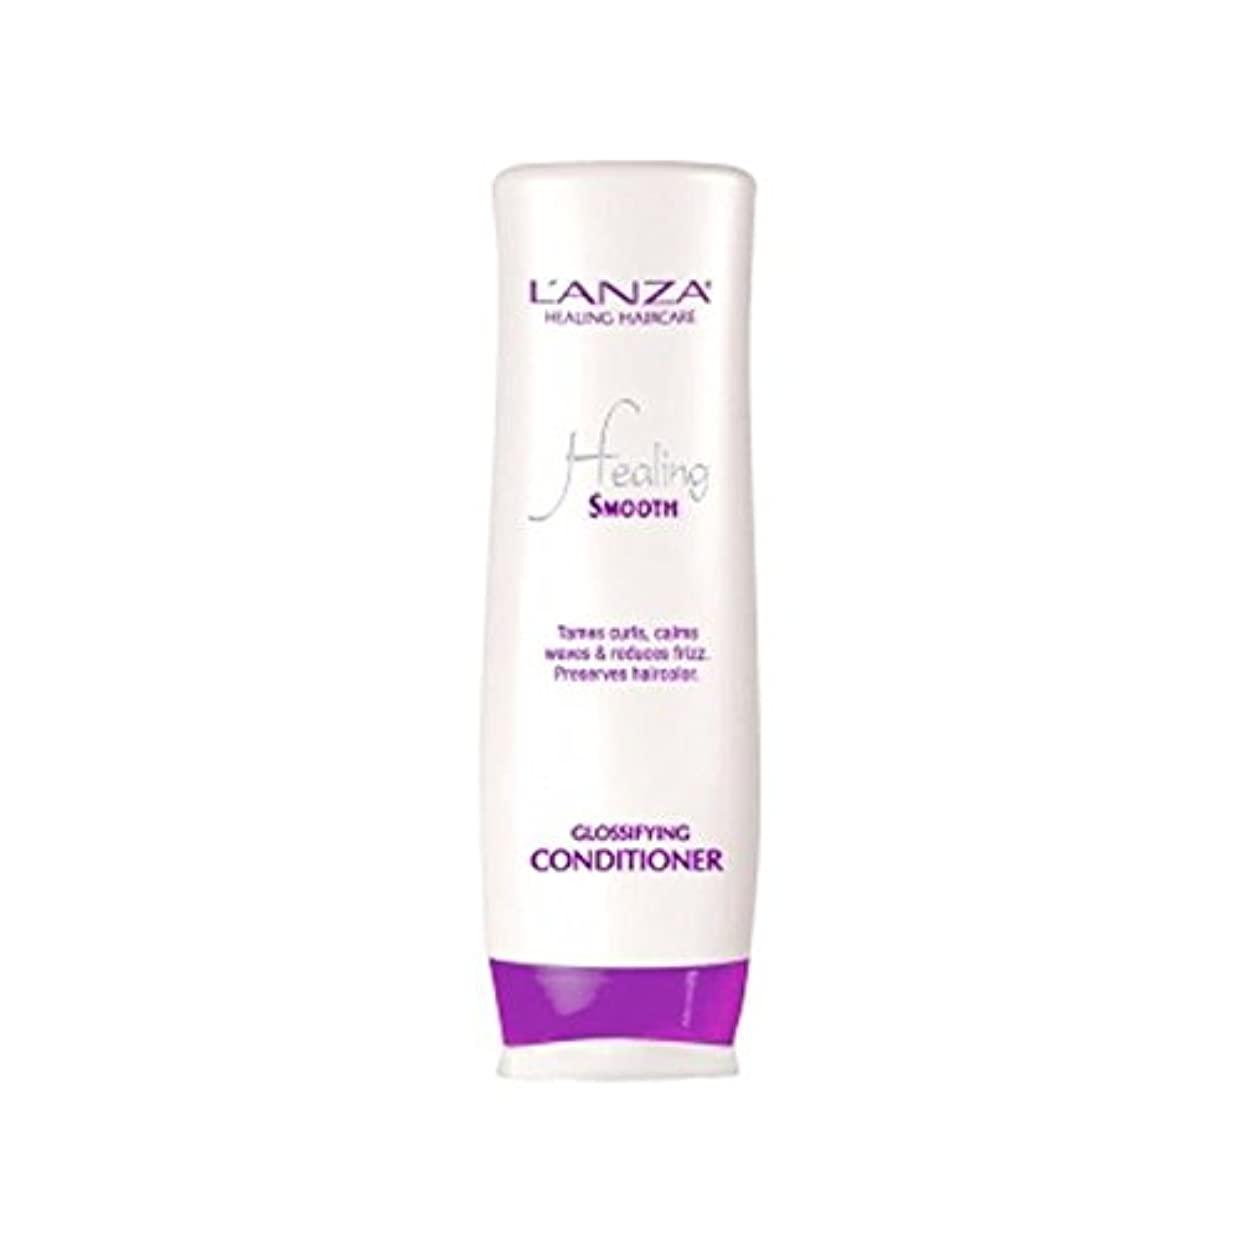 全国名目上の刈るスムーズなコンディショナーを癒し'アンザ(250ミリリットル) x4 - L'Anza Healing Smooth Glossifying Conditioner (250ml) (Pack of 4) [並行輸入品]